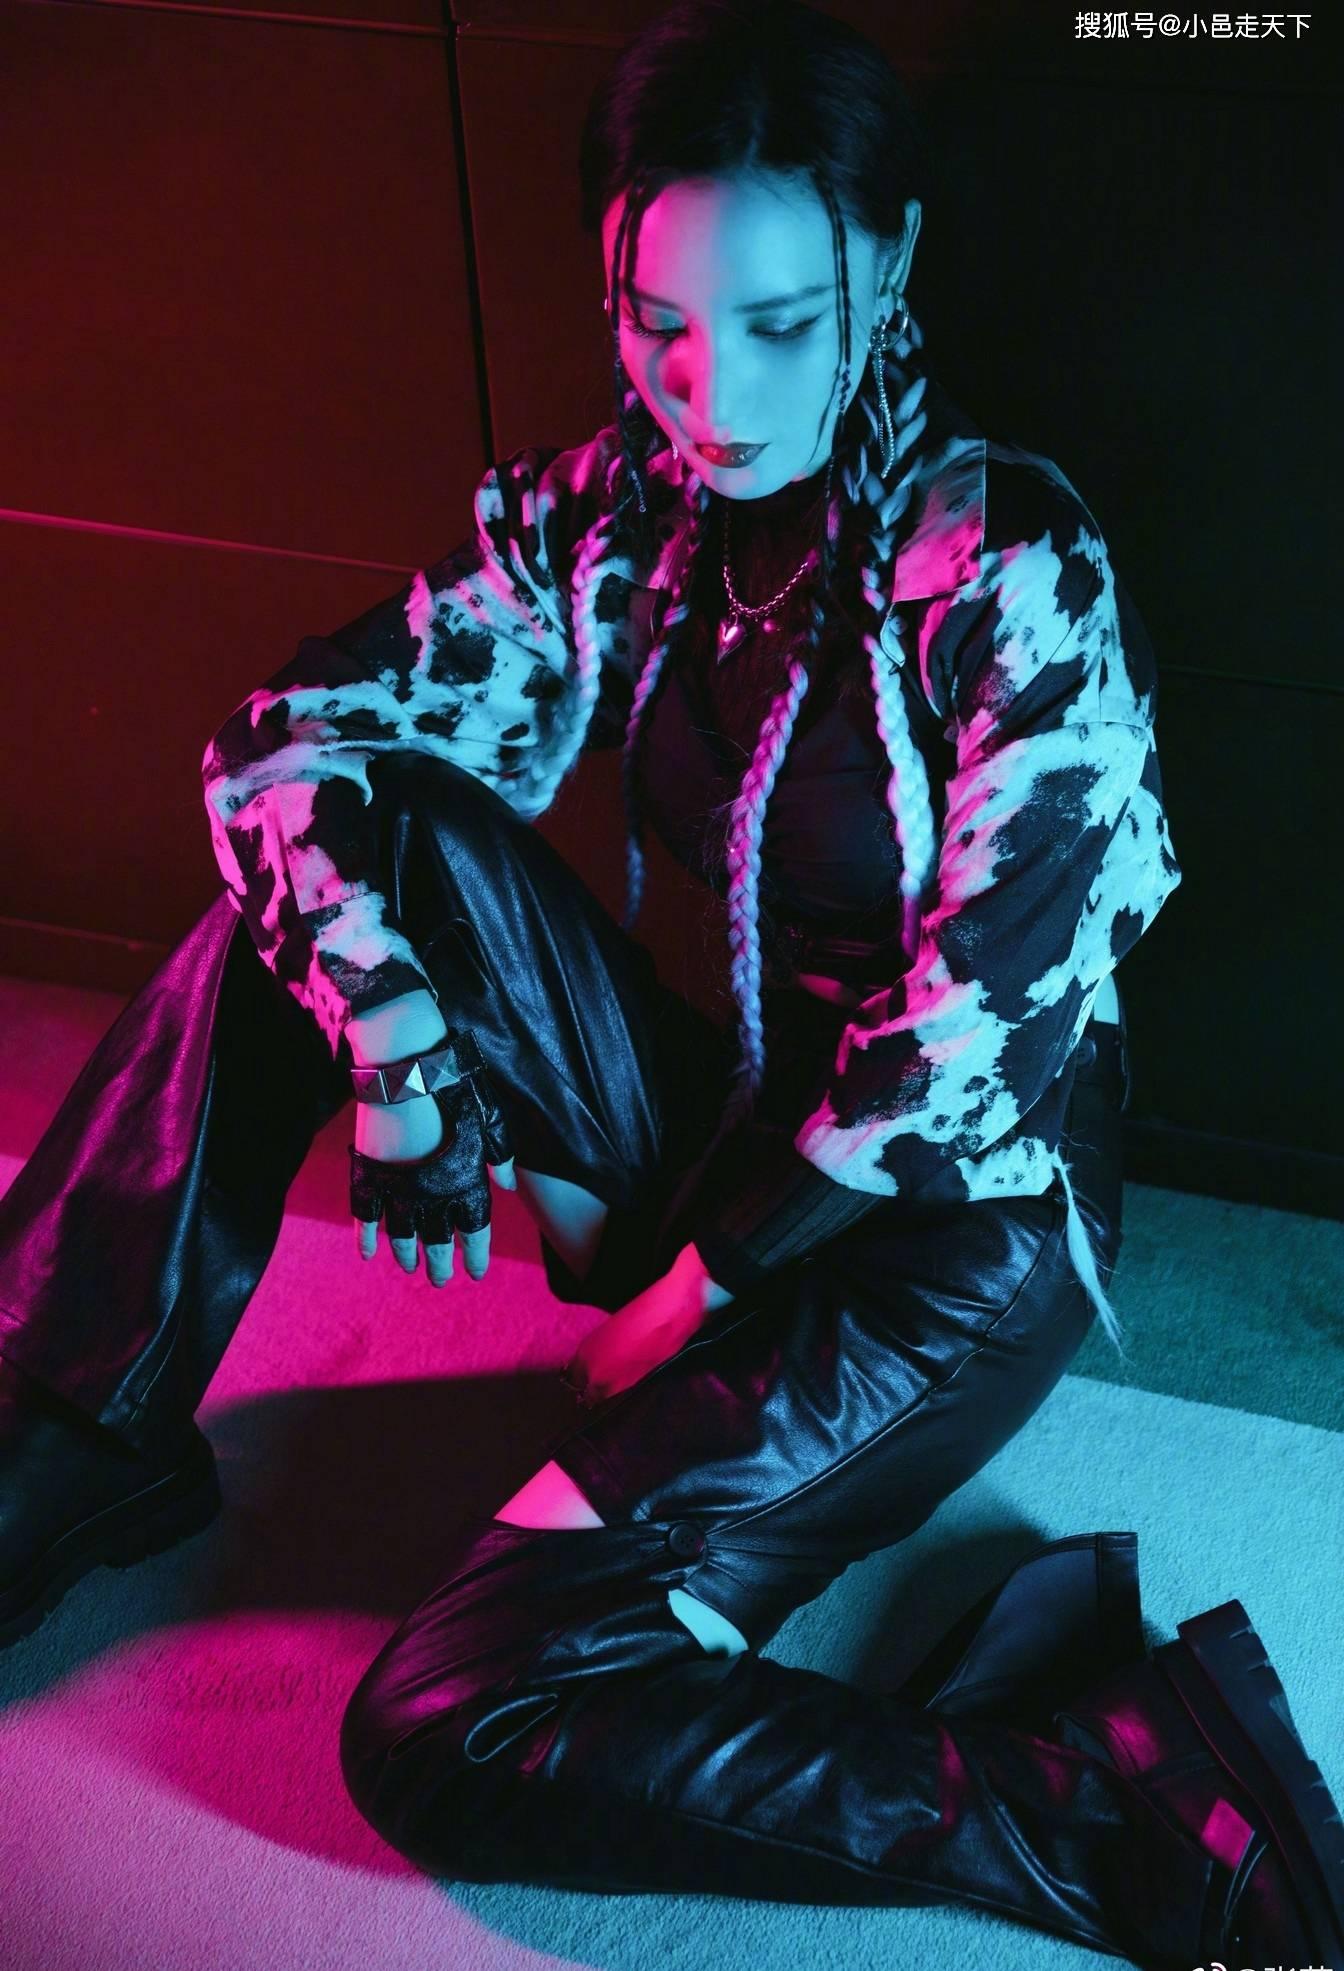 张萌黑色皮裤时尚写真